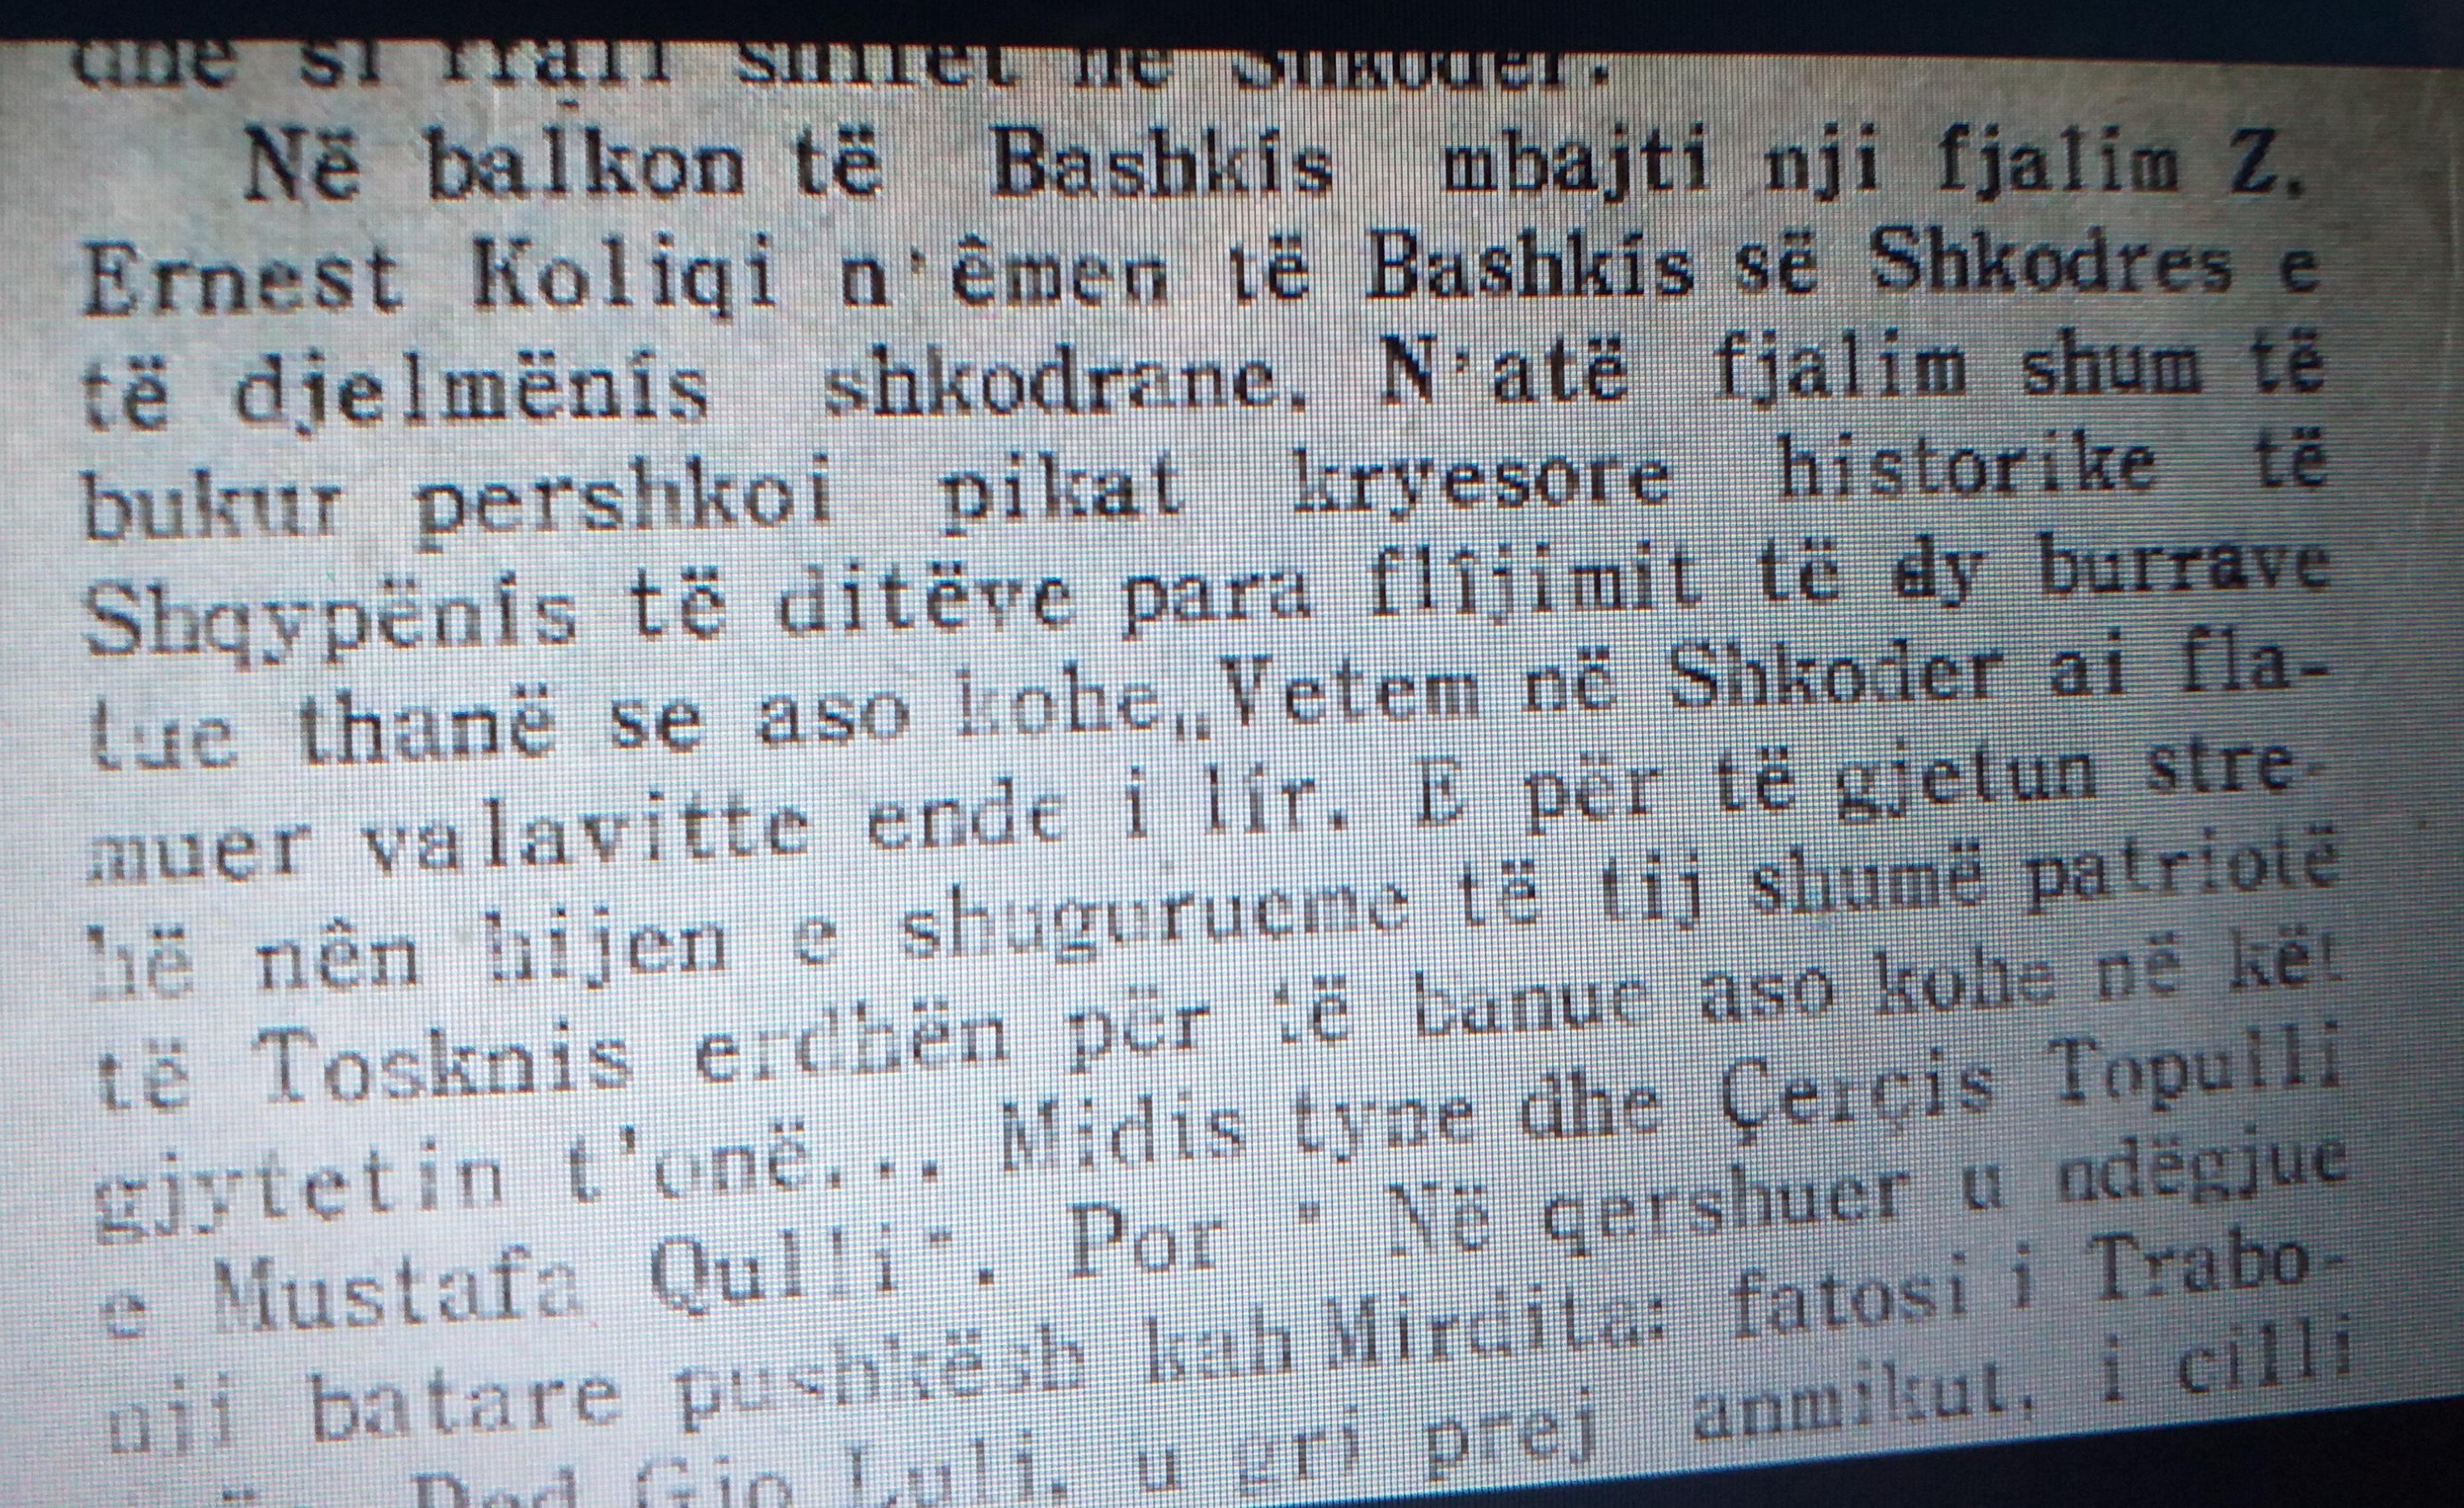 Gazetë e vitit 1936 ku përmendet fjala e Koliqit